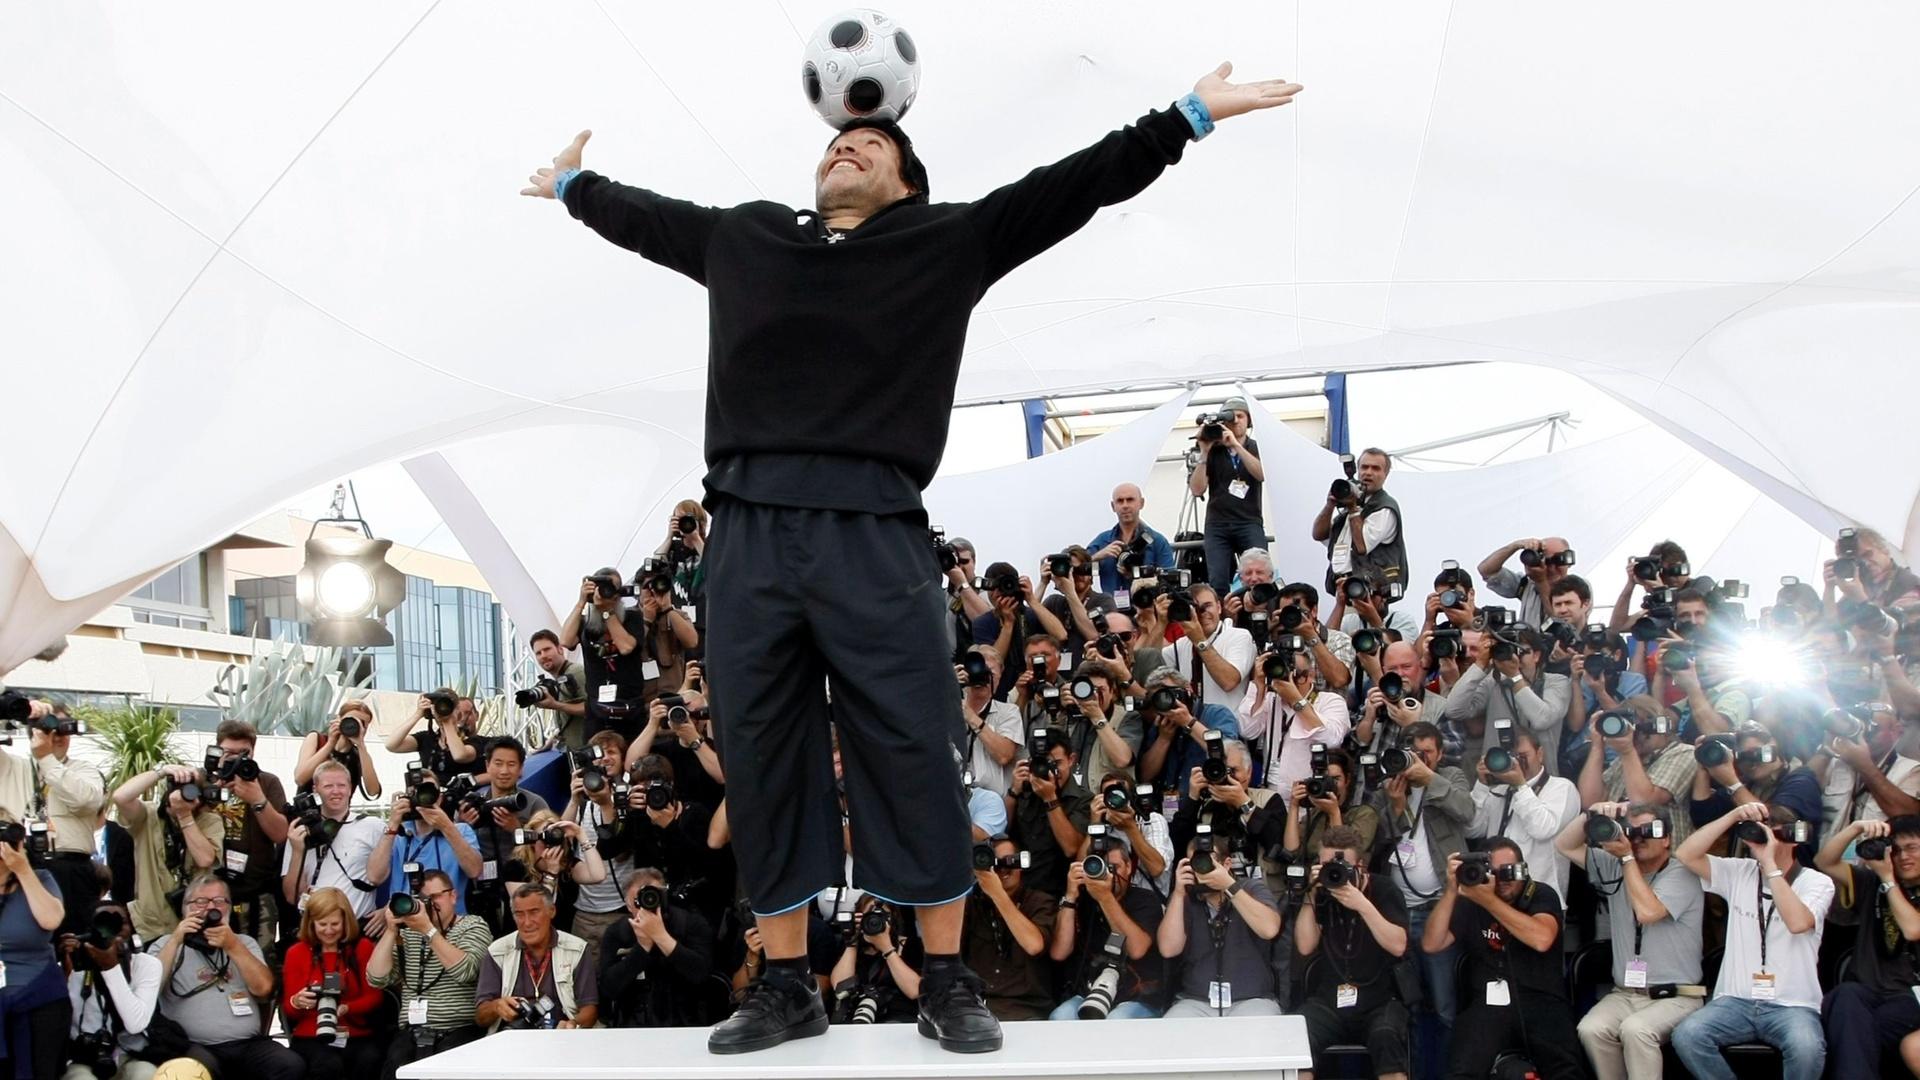 مارادونا مرشح محتمل لتدريب المنتخب الإسباني